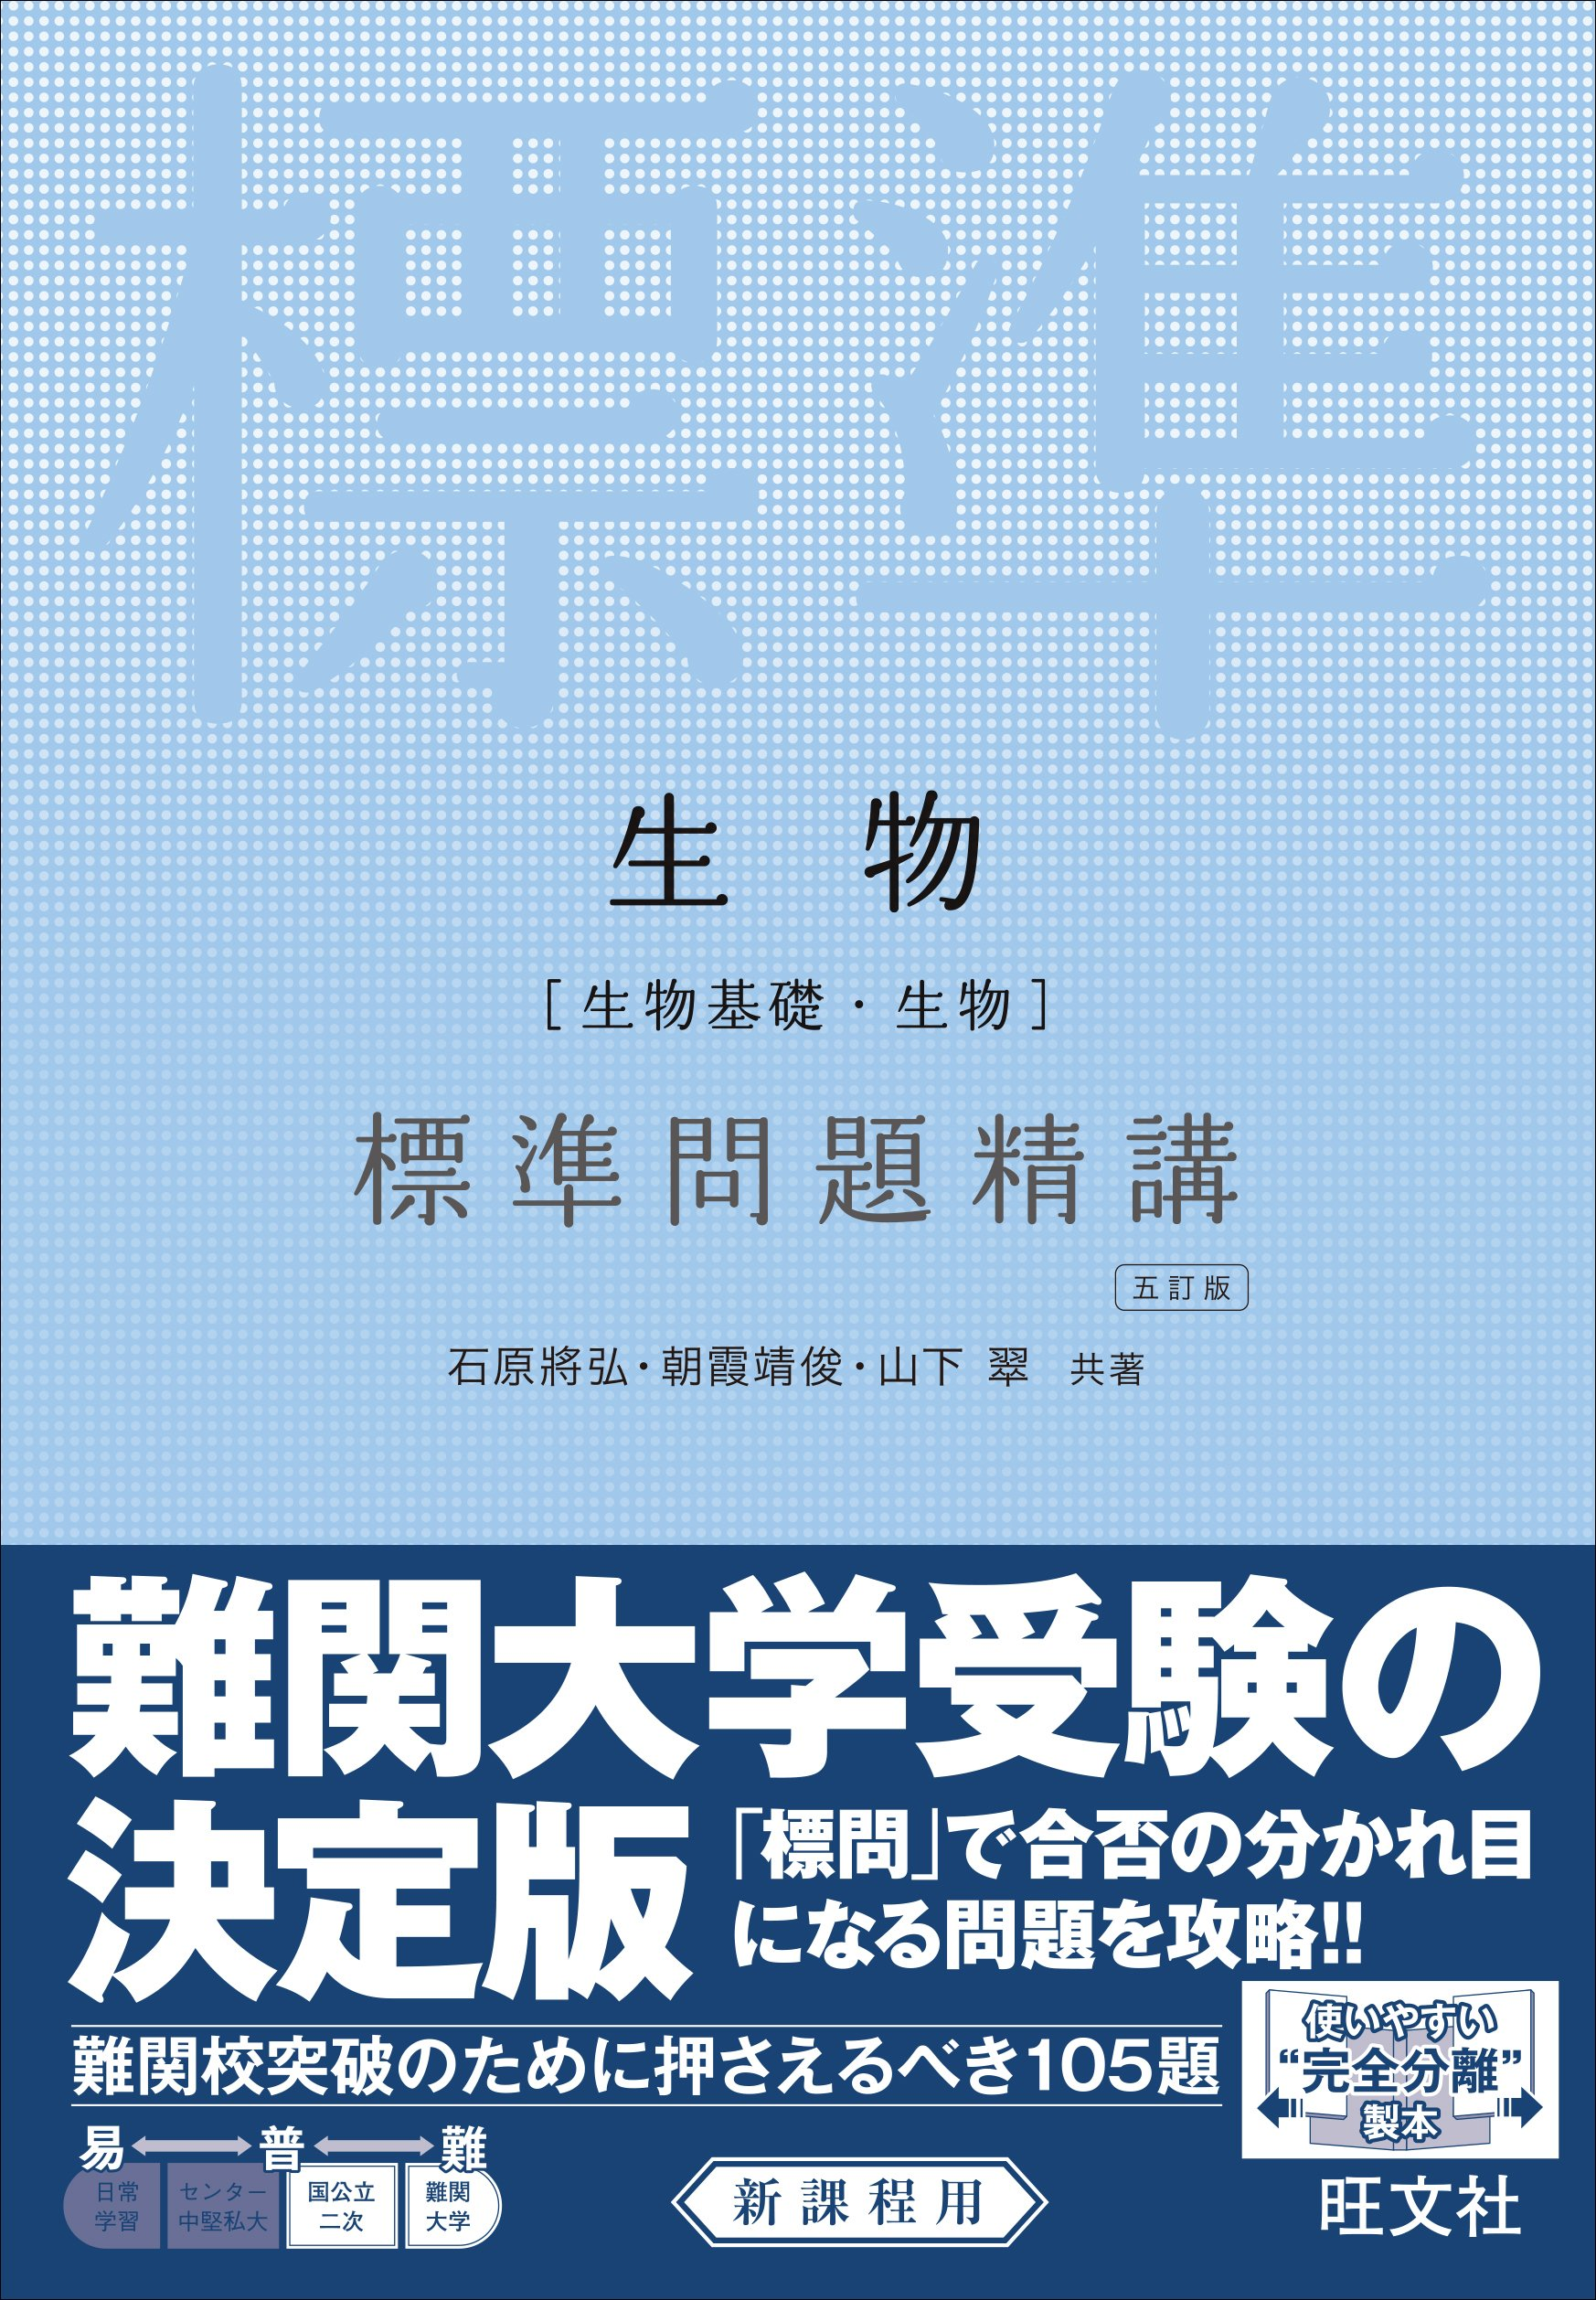 生物[生物基礎・生物] 標準問題精講 五訂版 | 石原將弘, 朝霞靖俊, 山下翠 |本 | 通販 | Amazon